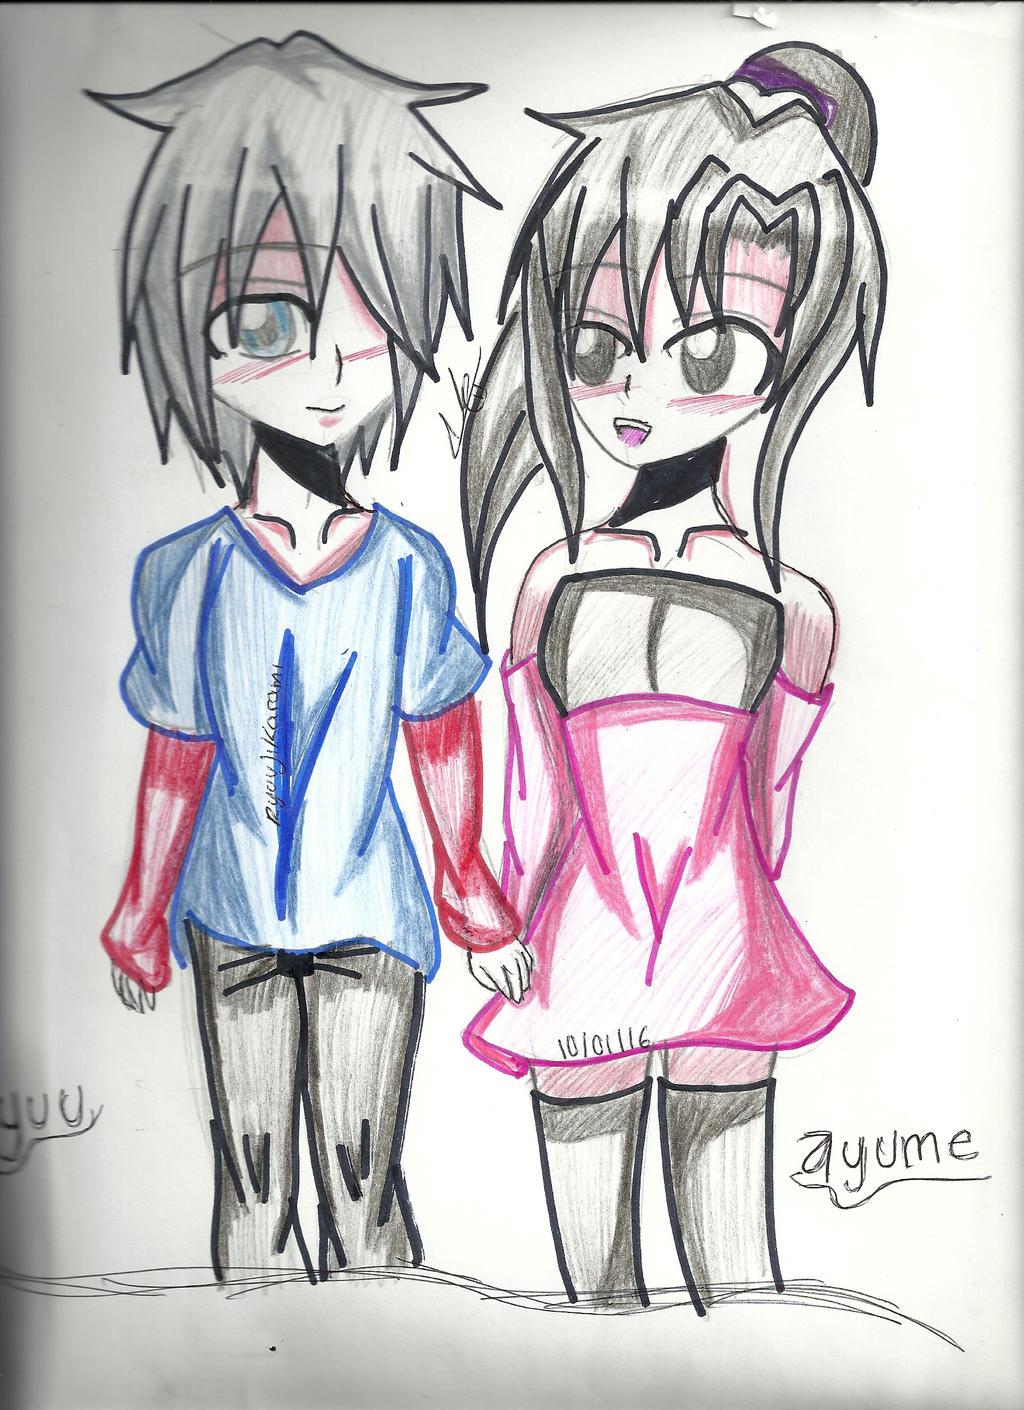 Yuu y Ayume by RyuujiKarami